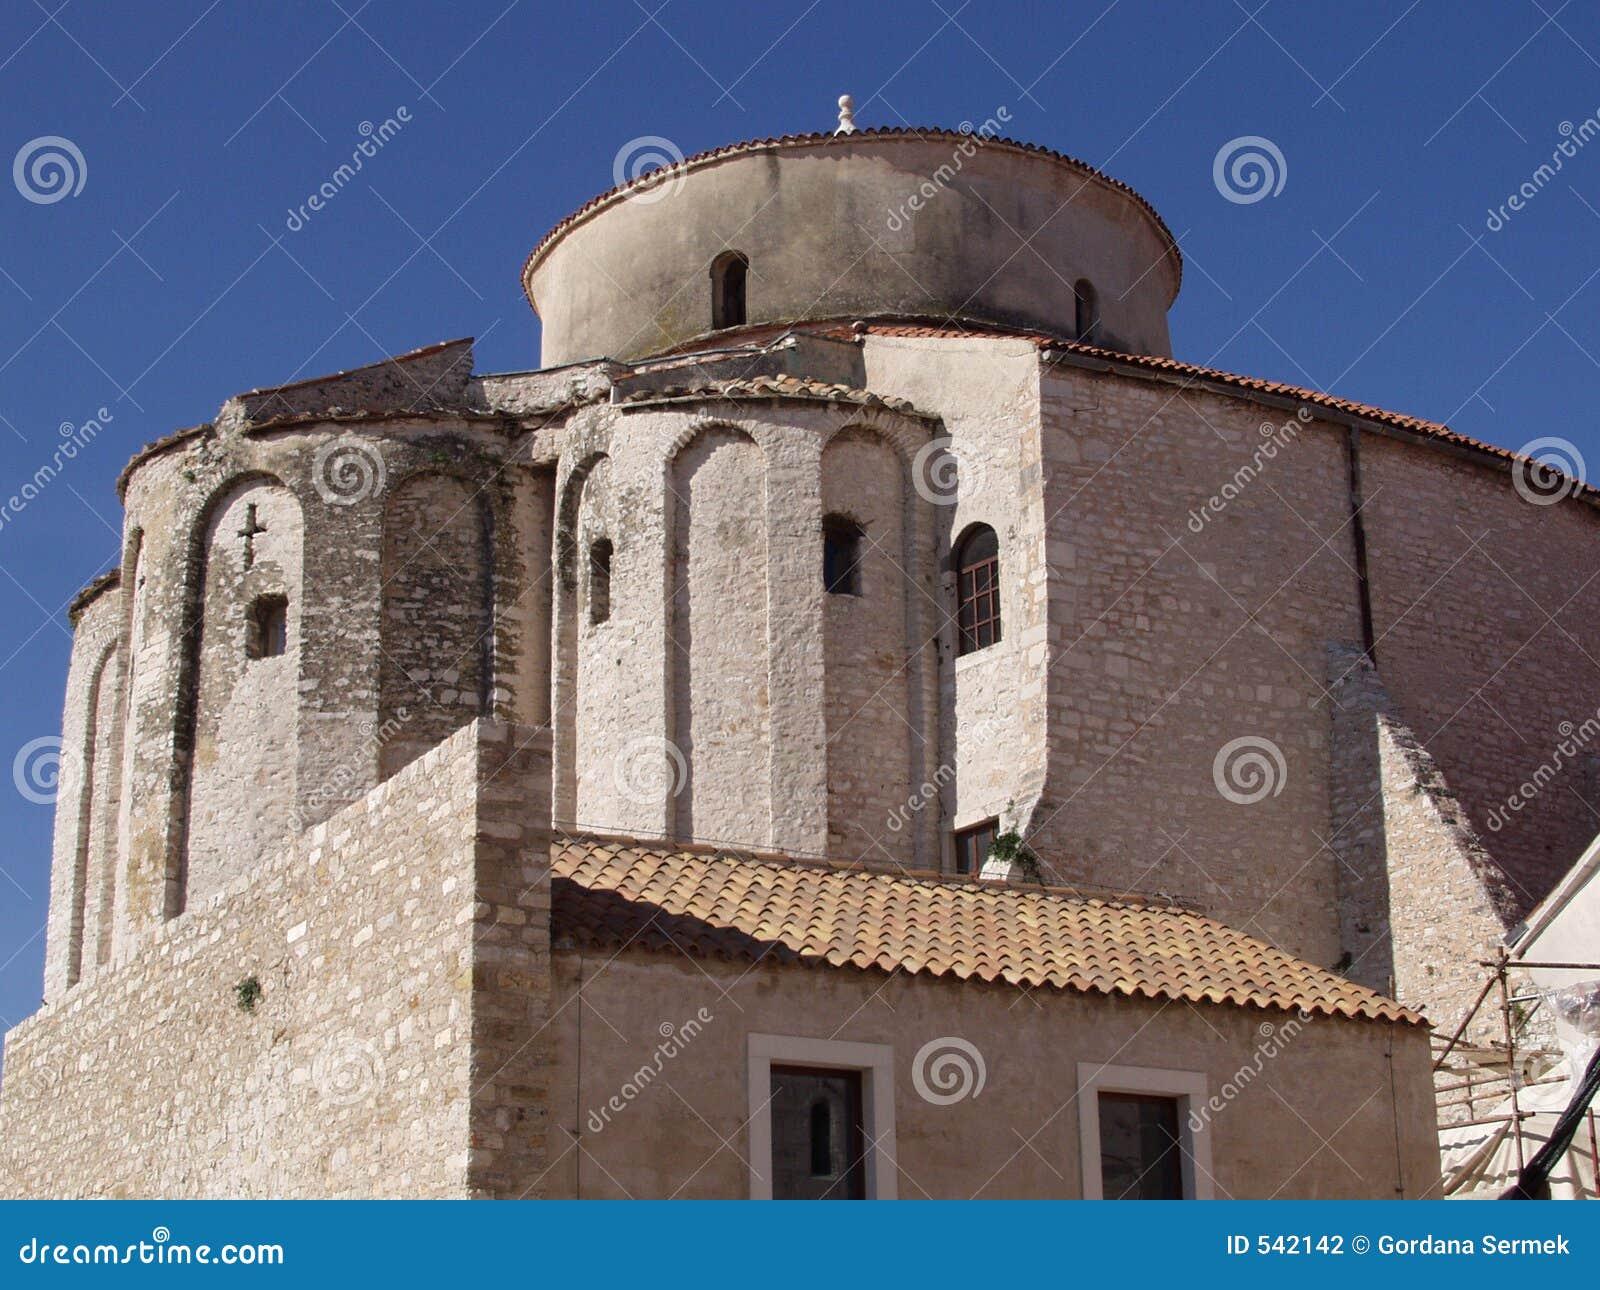 Download 教会接近的多纳特st 库存照片. 图片 包括有 圣徒, 教会, 拱道, 宗教, 纪念碑, 晴朗, 蓝色, 宗教信仰 - 542142